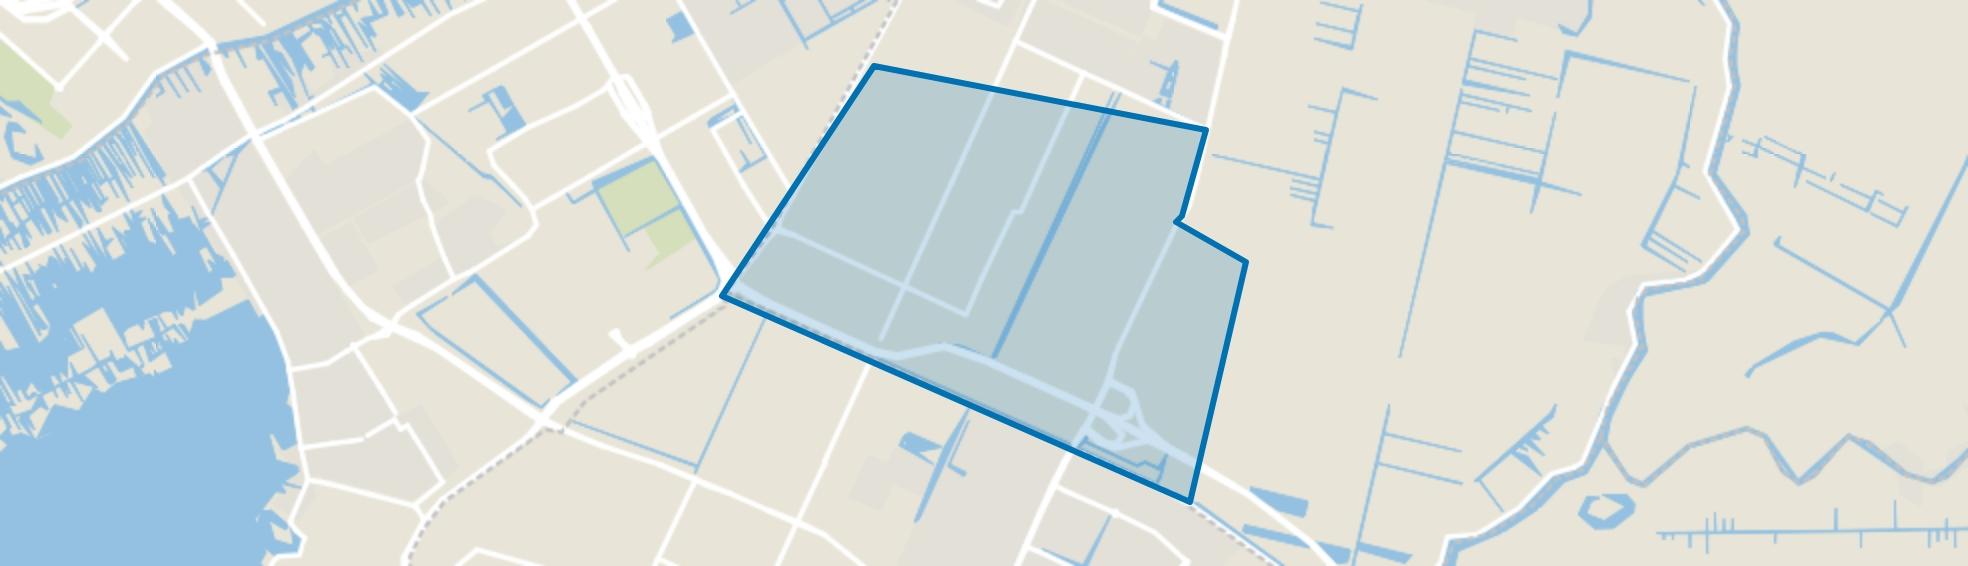 Legmeerpolder, Amstelveen map